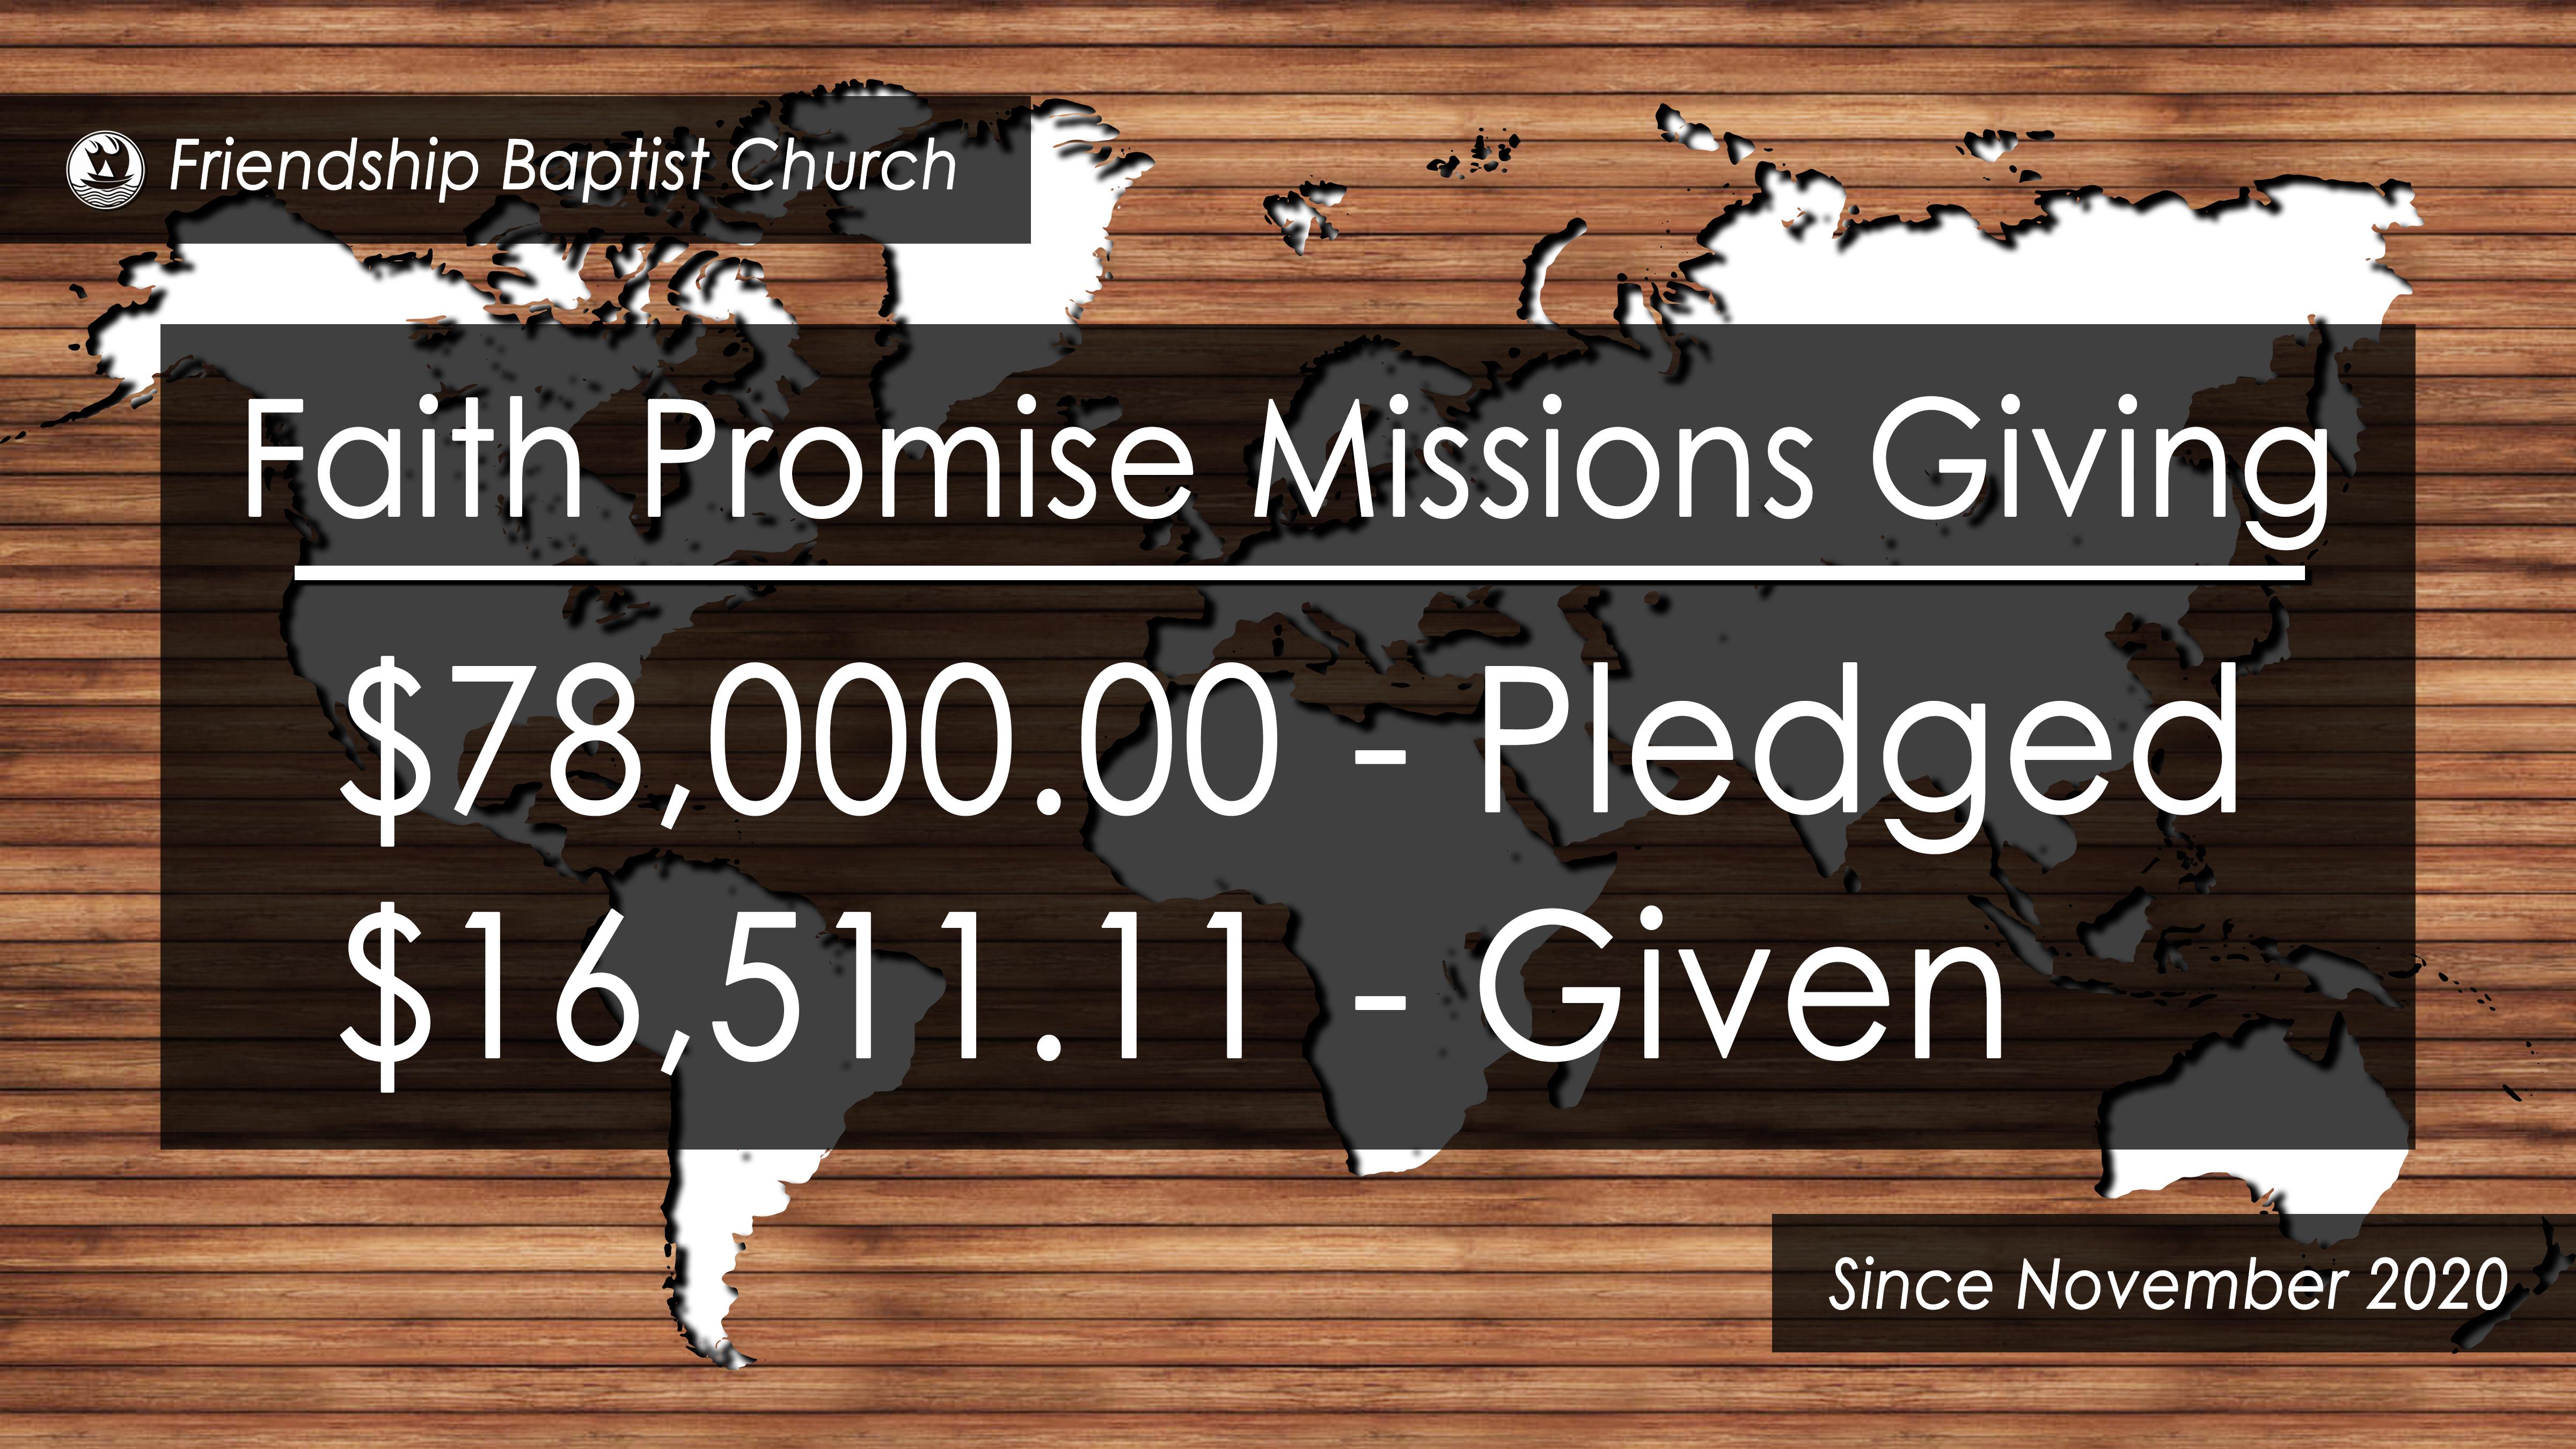 MissionsGiving20-1230